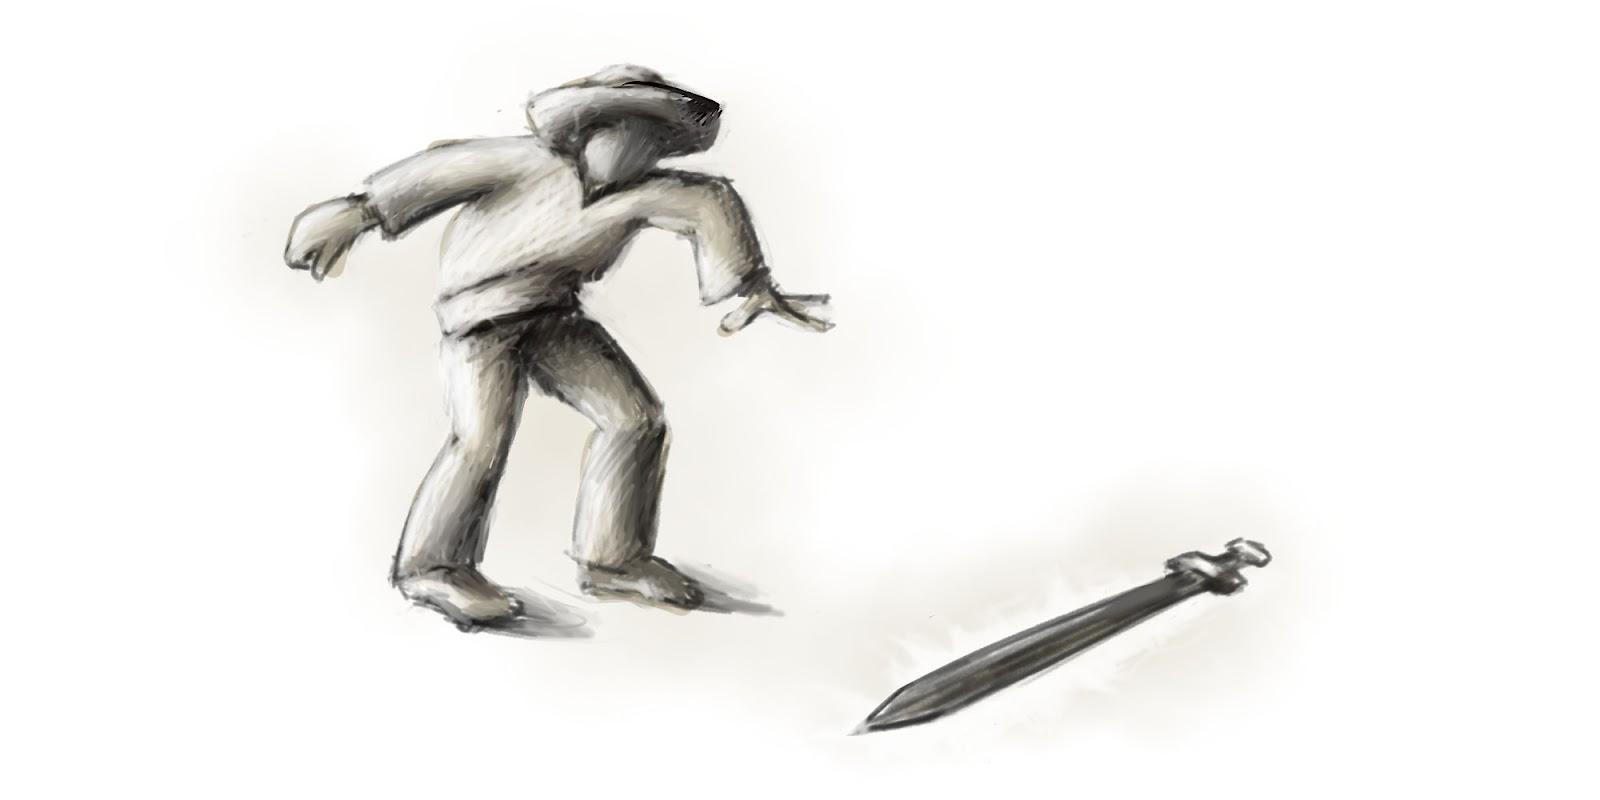 Hrdina našiel meč.